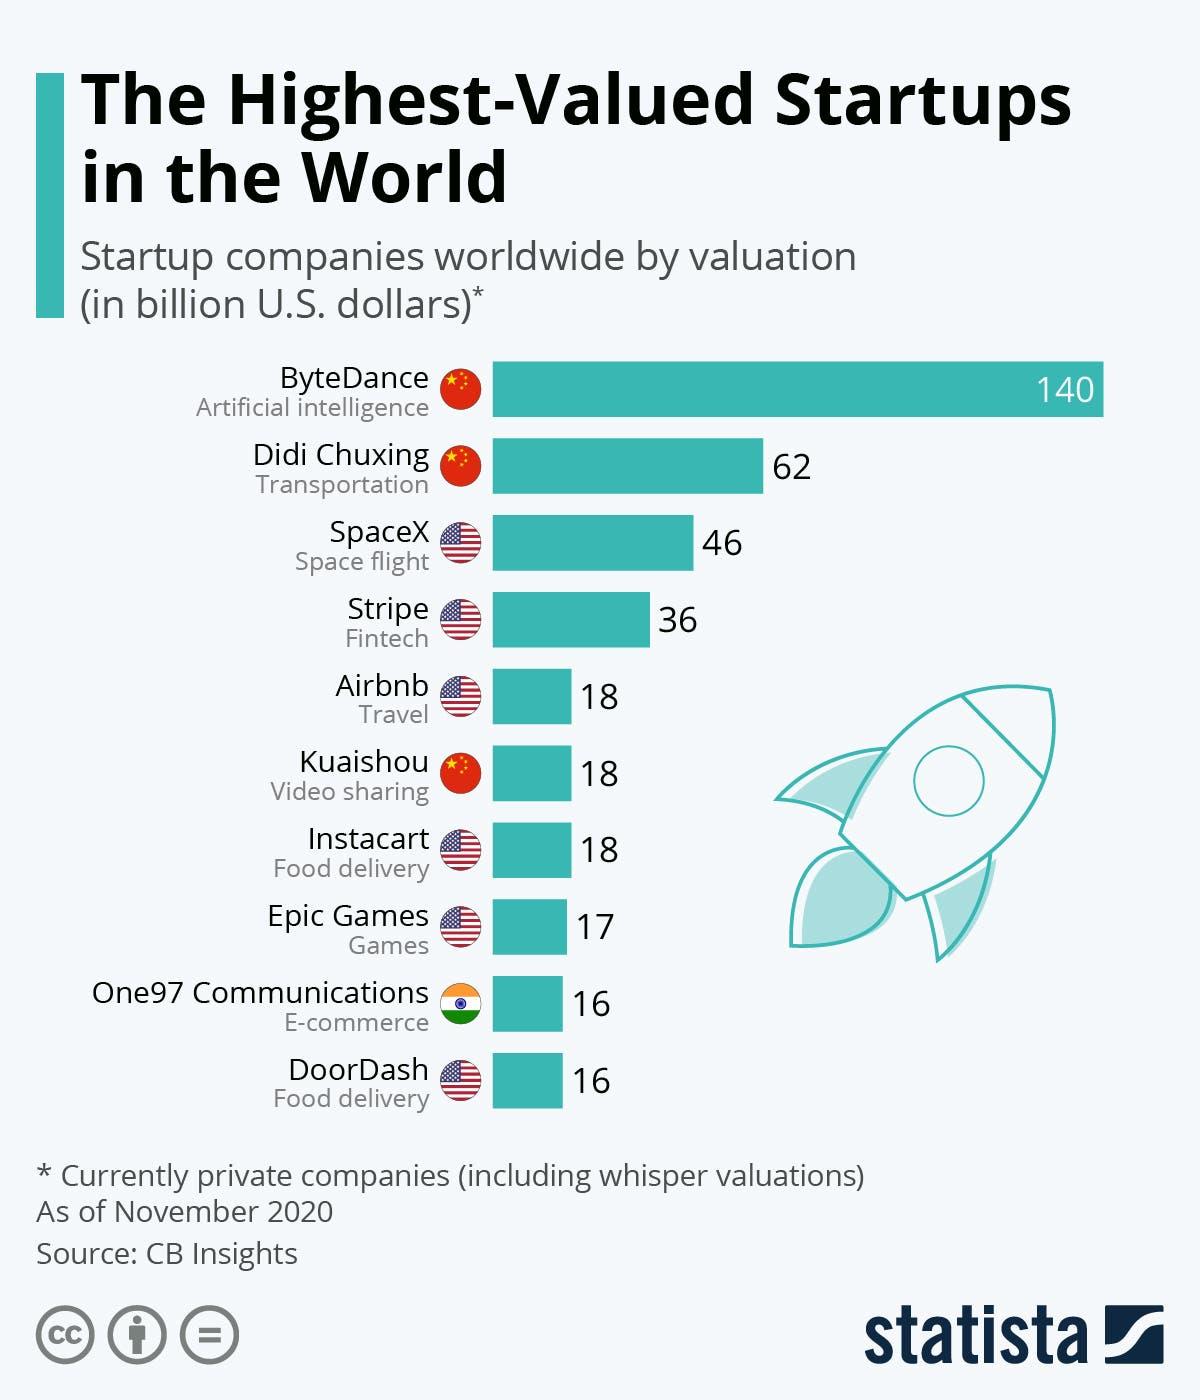 أكبر 10 شركات ناشئة في العالم